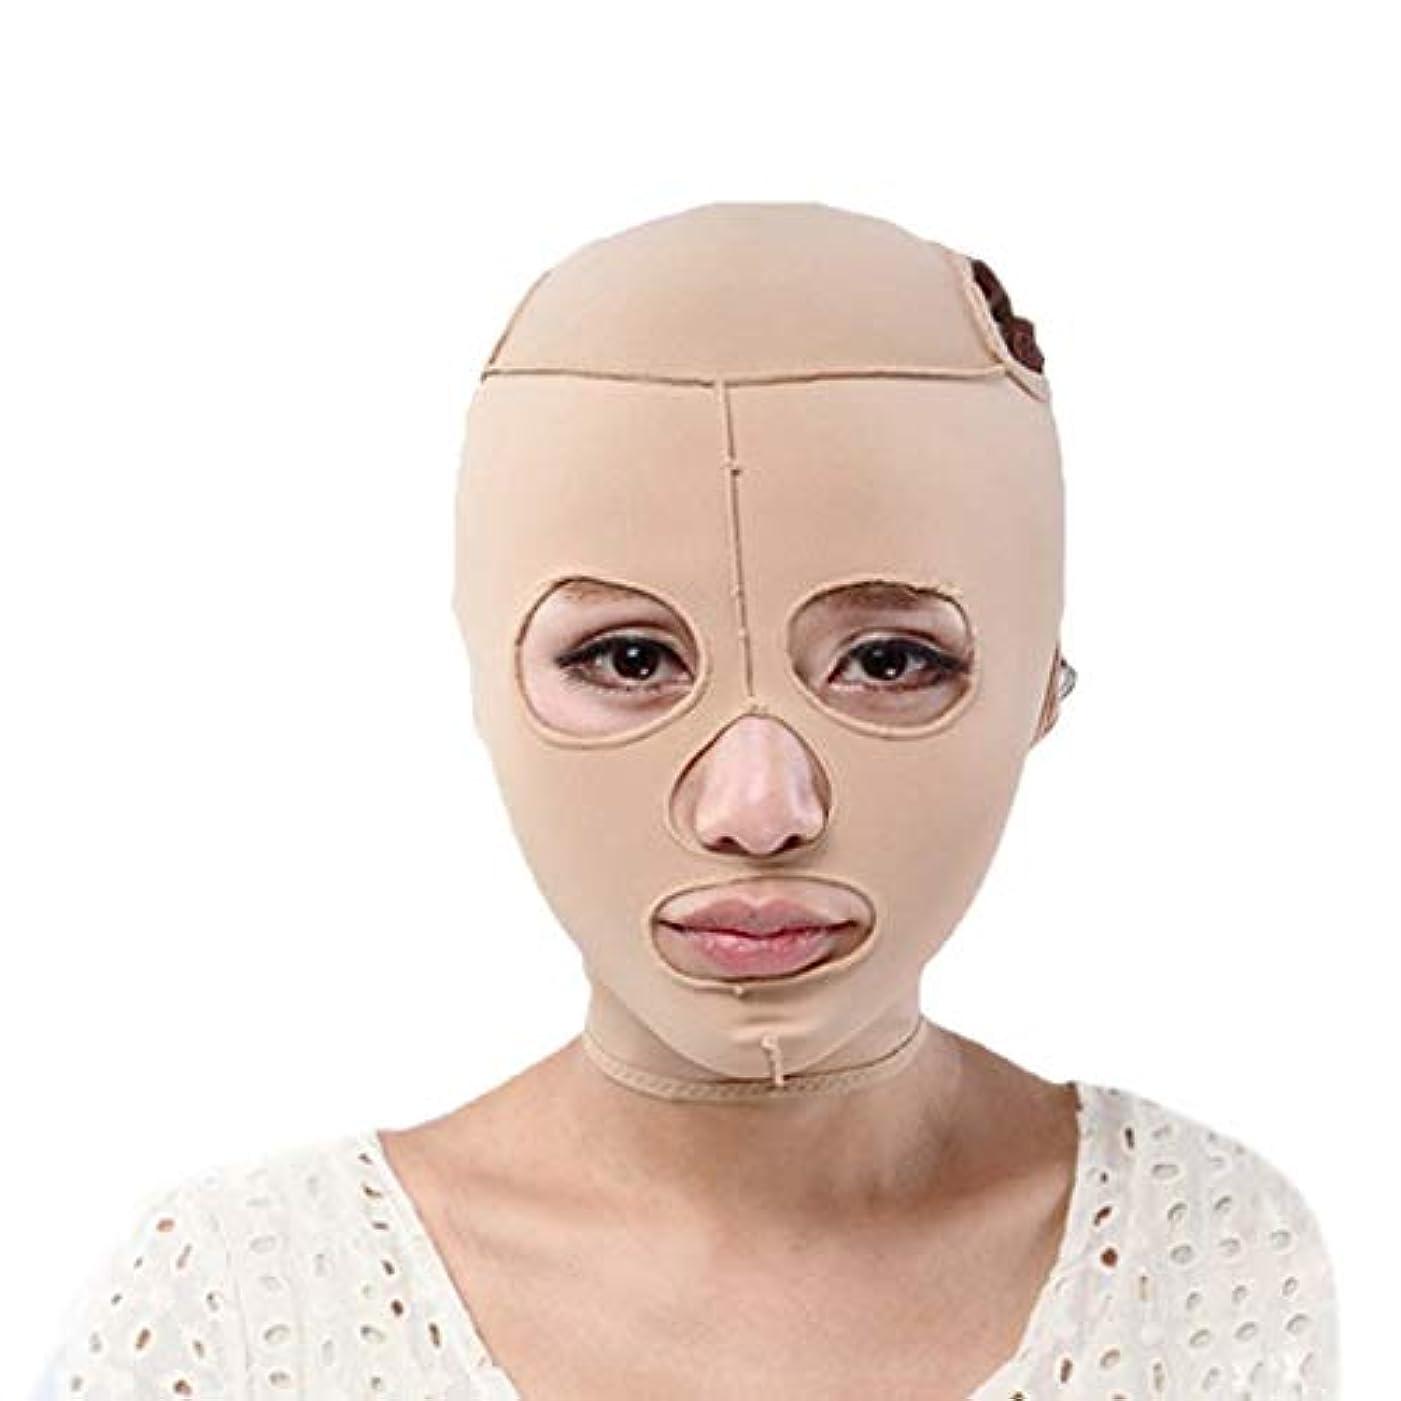 ゴミ箱を空にする雲熟すチンストラップ、顔の減量アンチシワマスク、快適な通気性マスク付きオールインクルーシブフェイス、薄型フェイスマスクリフティング包帯引き締め(サイズ:S),XL